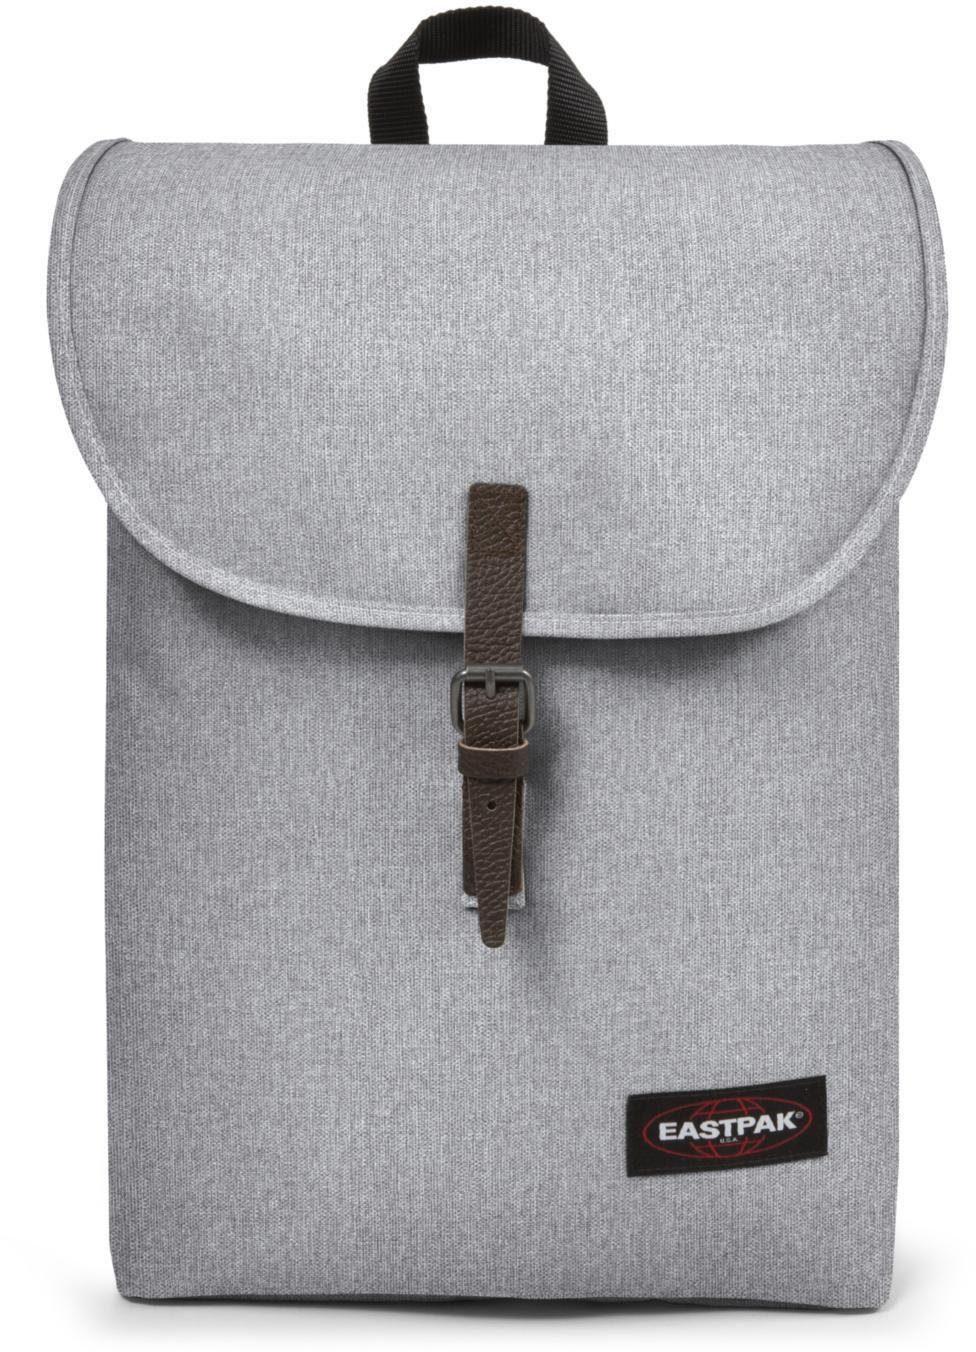 Eastpak Rucksack mit Laptopfach, »CIERA sunday grey«